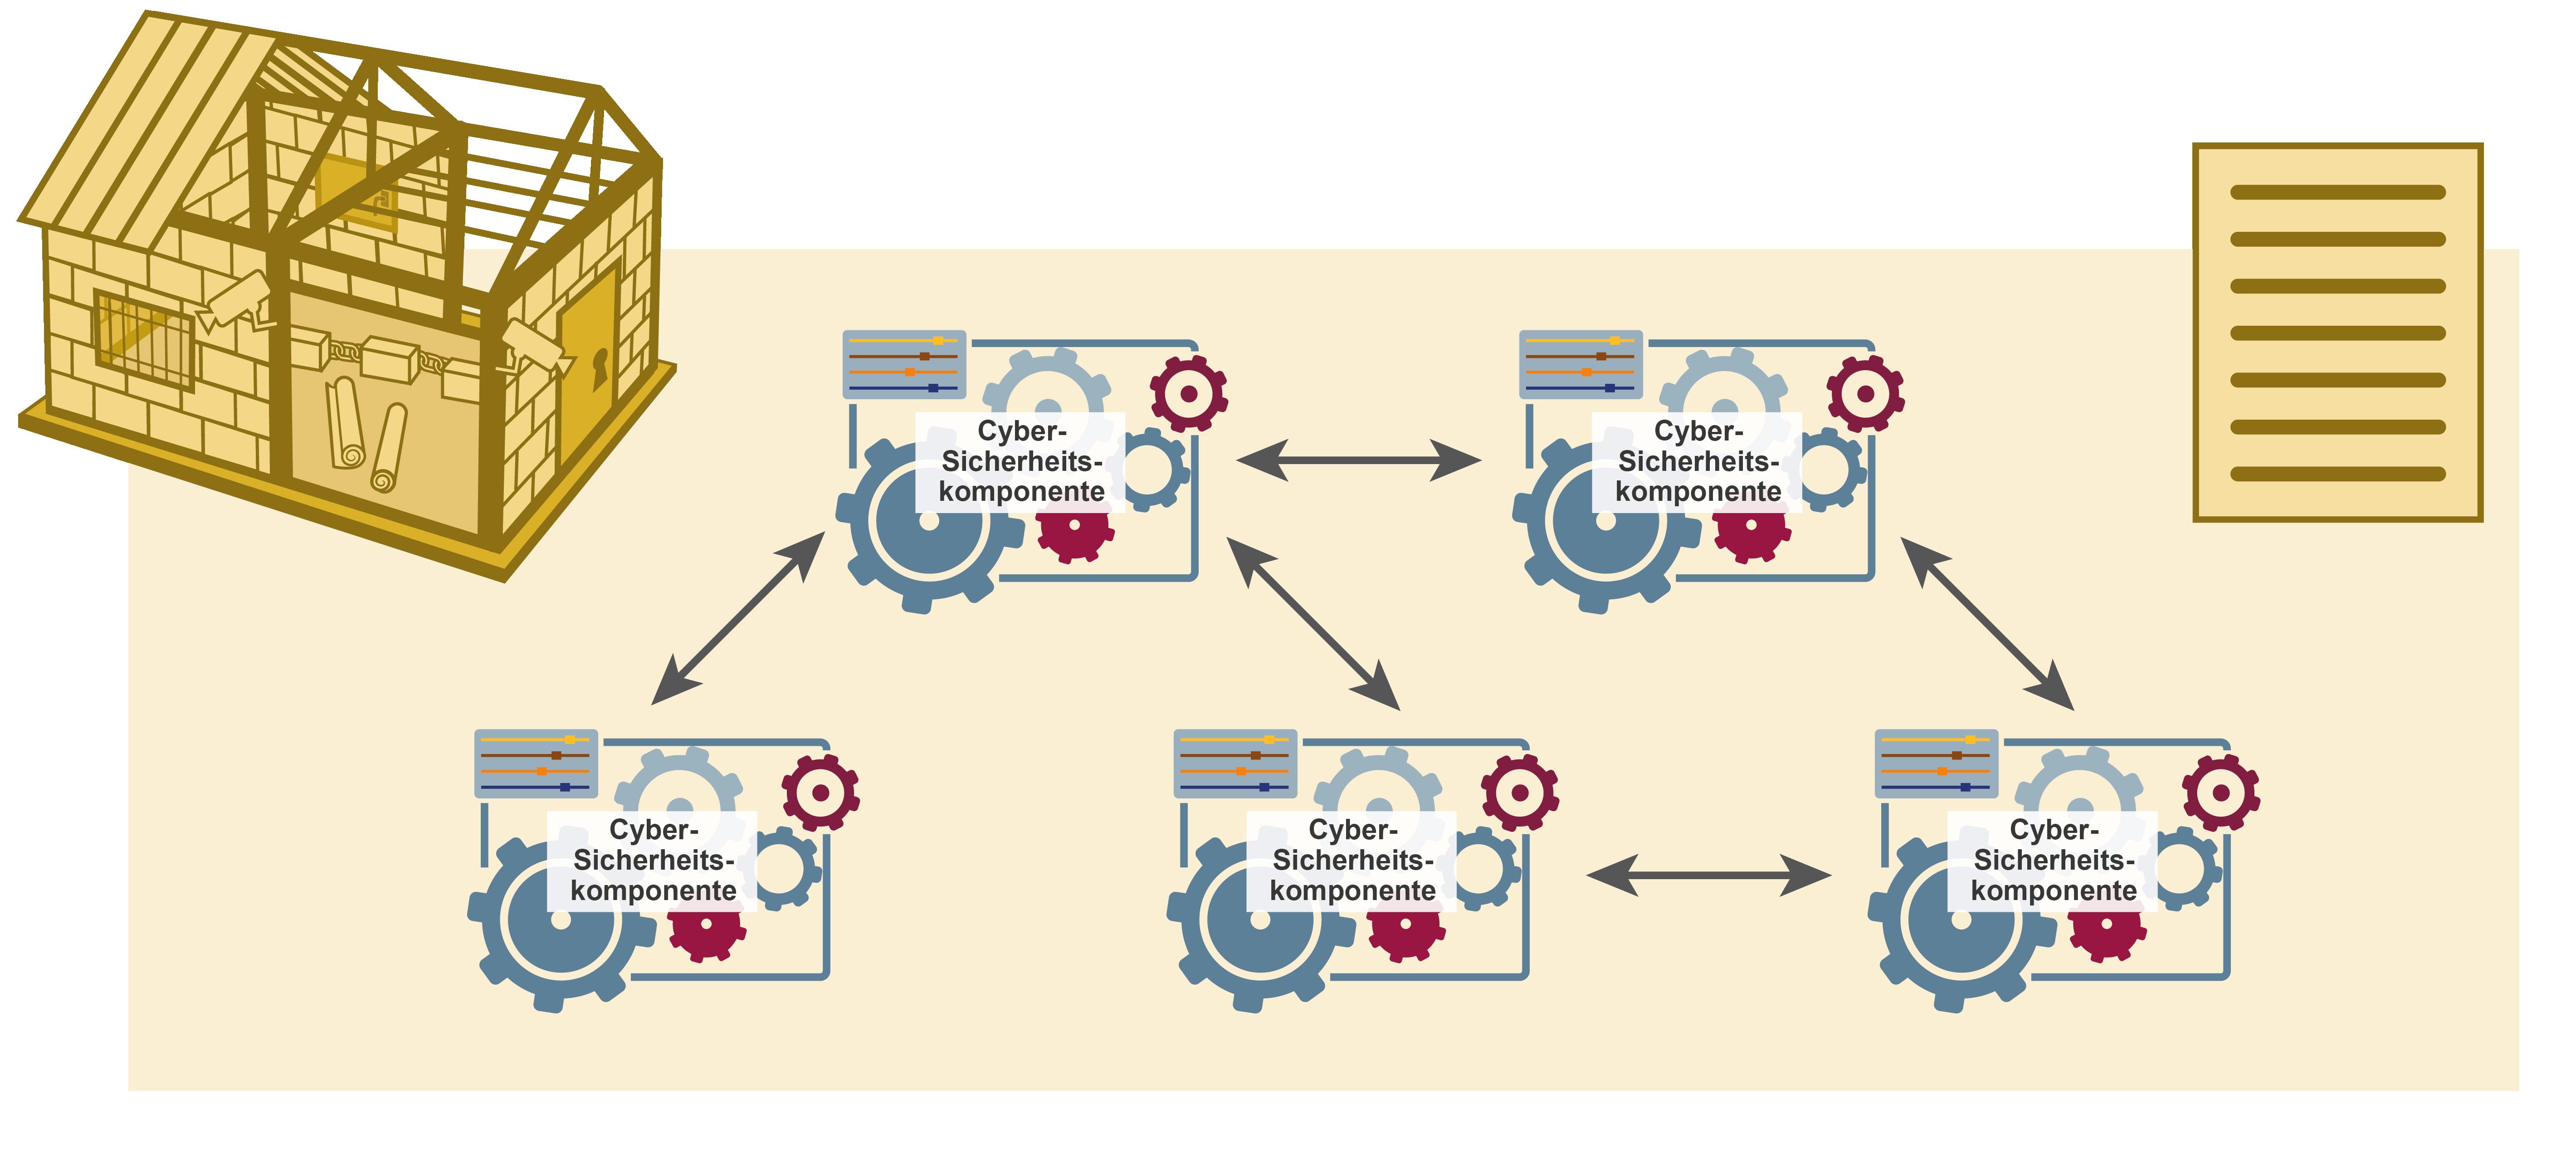 """Symbol für """"Cyber-Sicherheitsarchitekturen"""" – Glossar Cyber-Sicherheit – Prof. Norbert Pohlmann"""